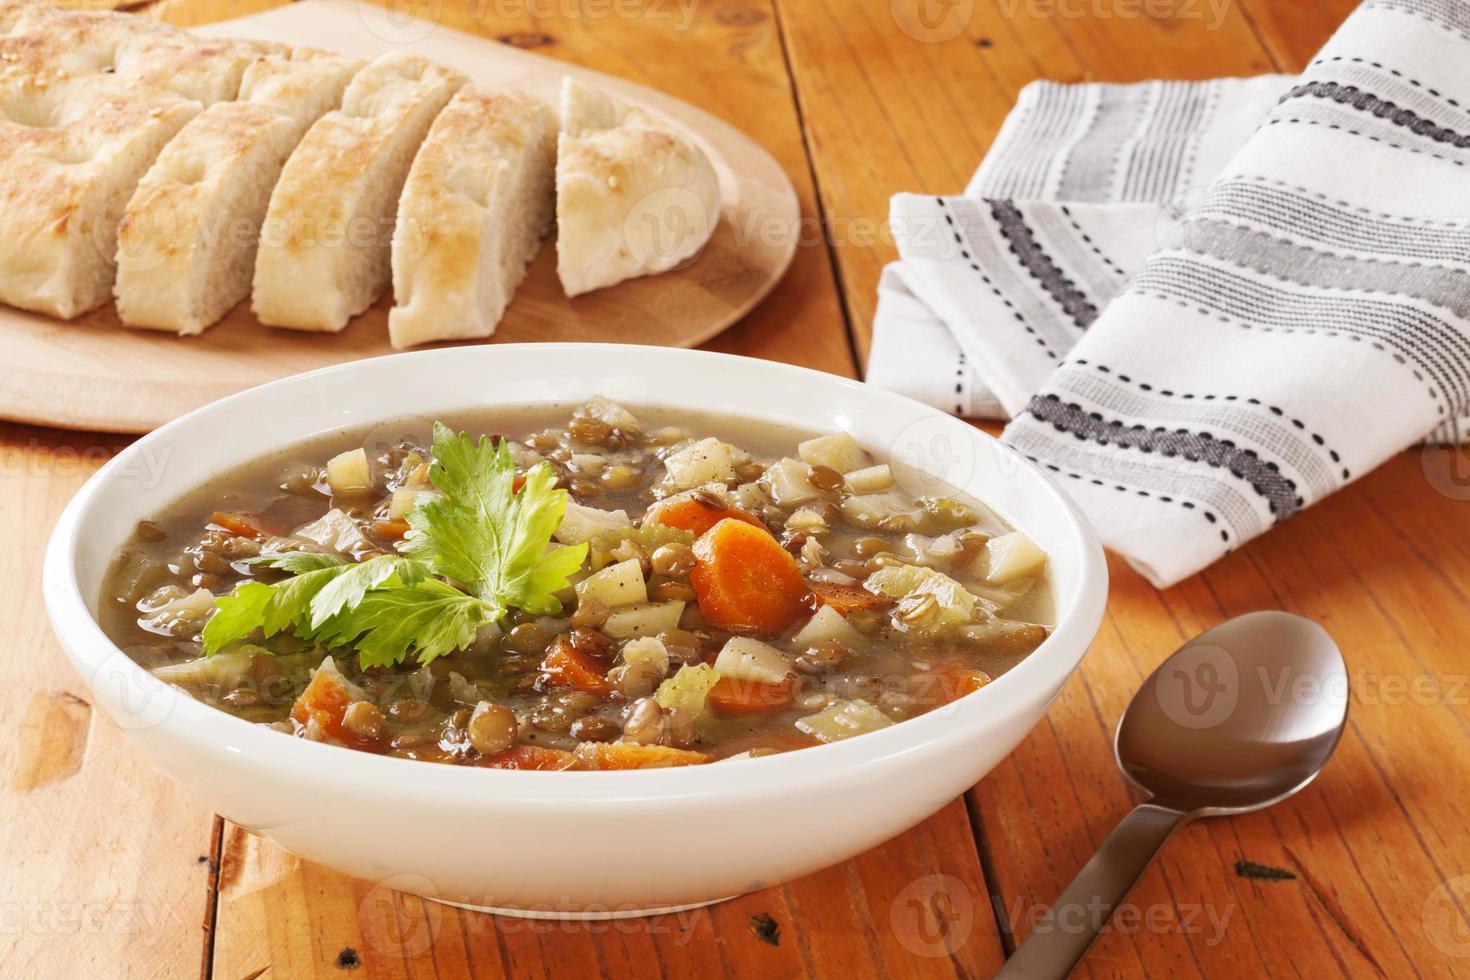 zuppa di lenticchie verdi foto